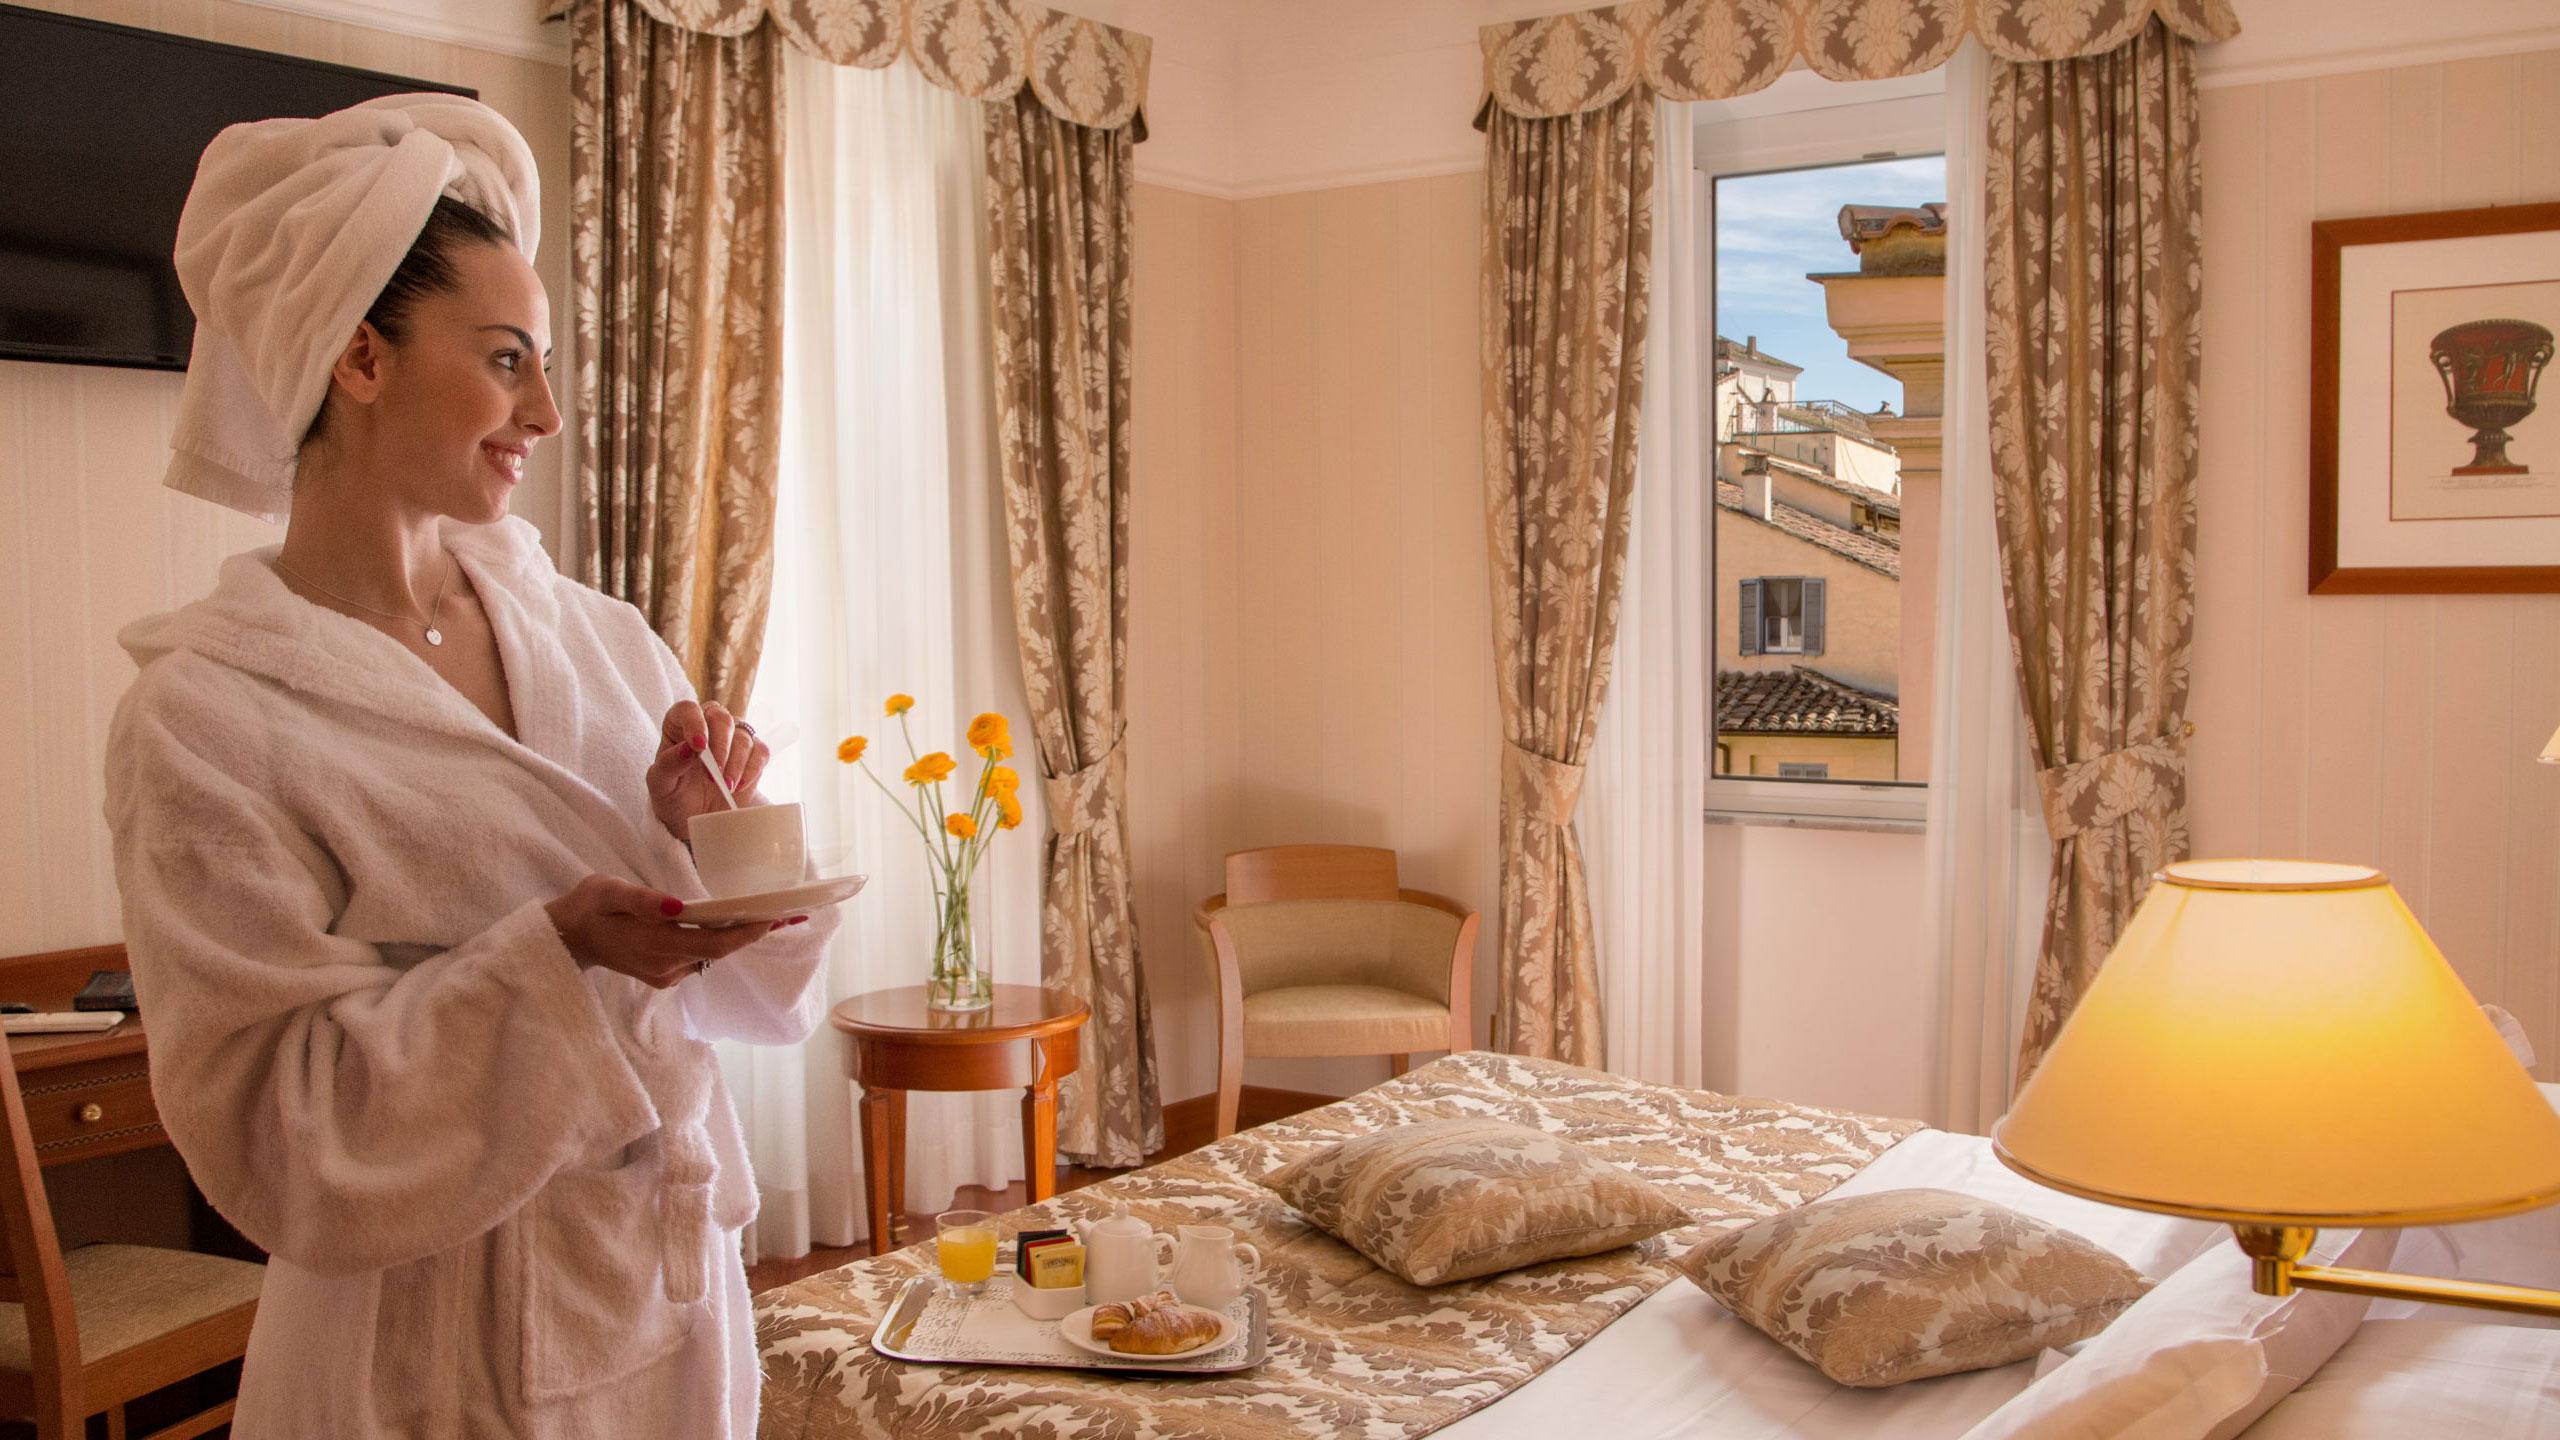 albergo-ottocento-rome-chambre-double-deluxe-24